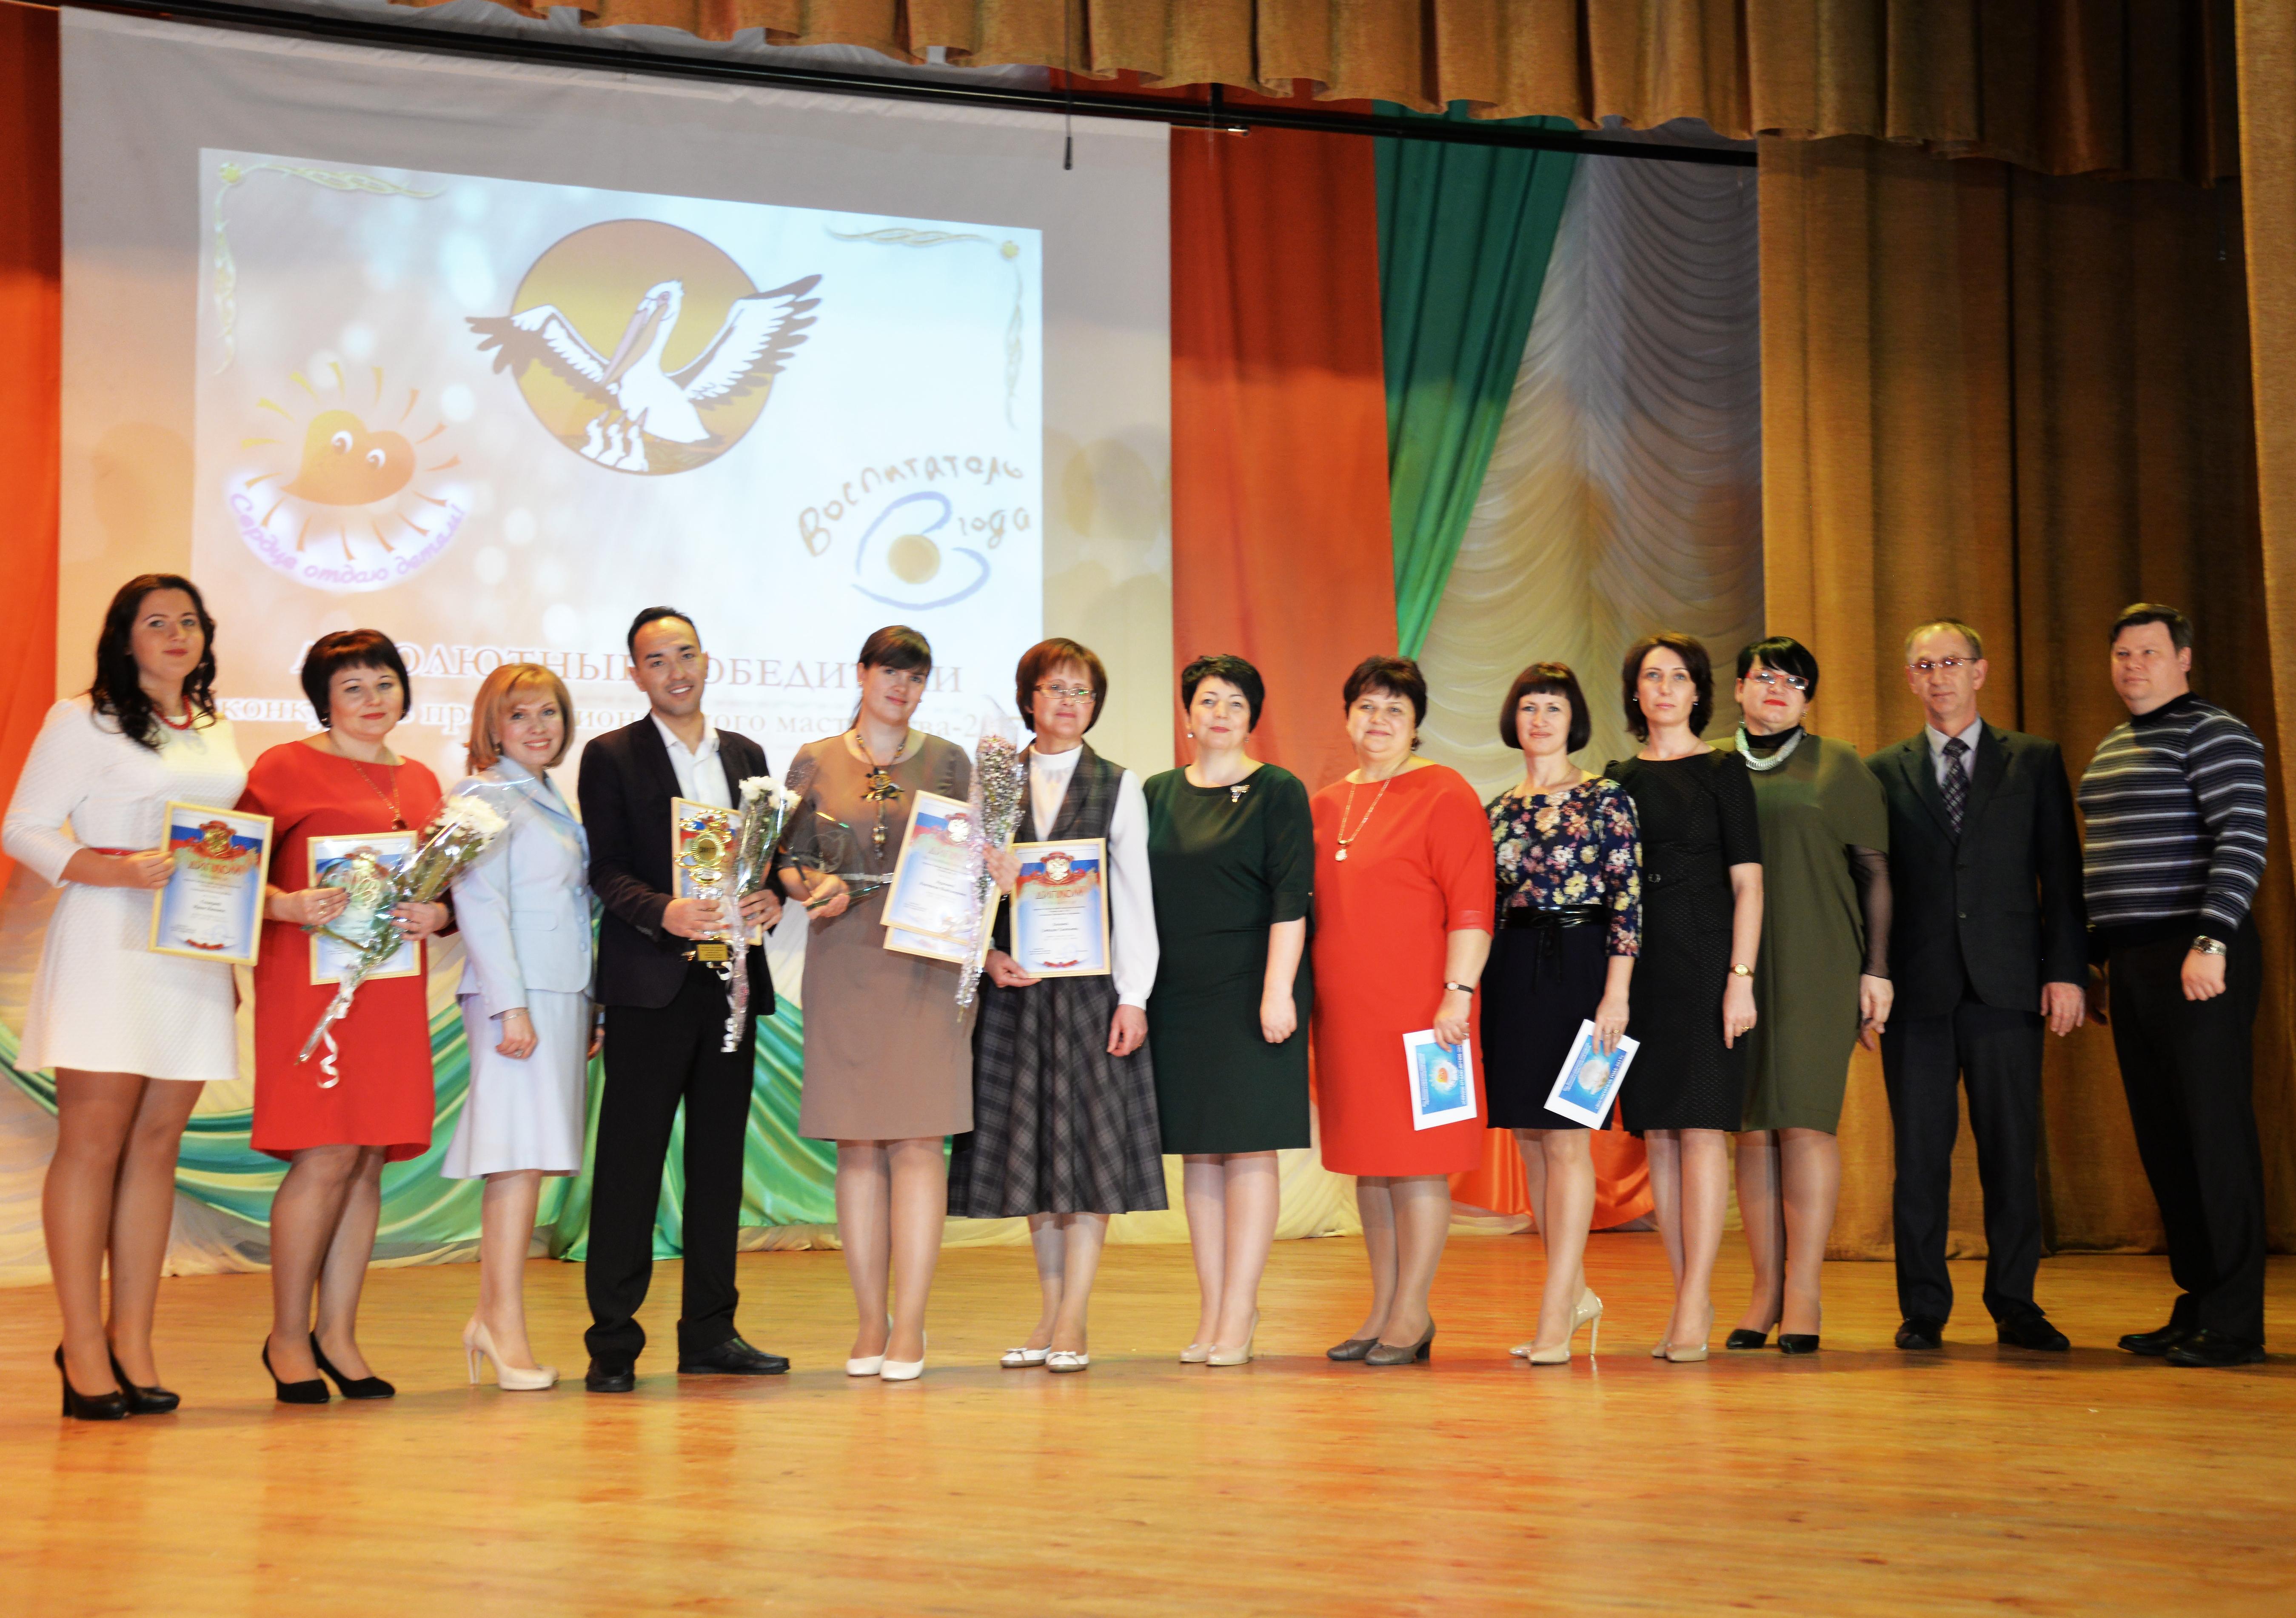 Конкурс лучший учитель россии 2007 год